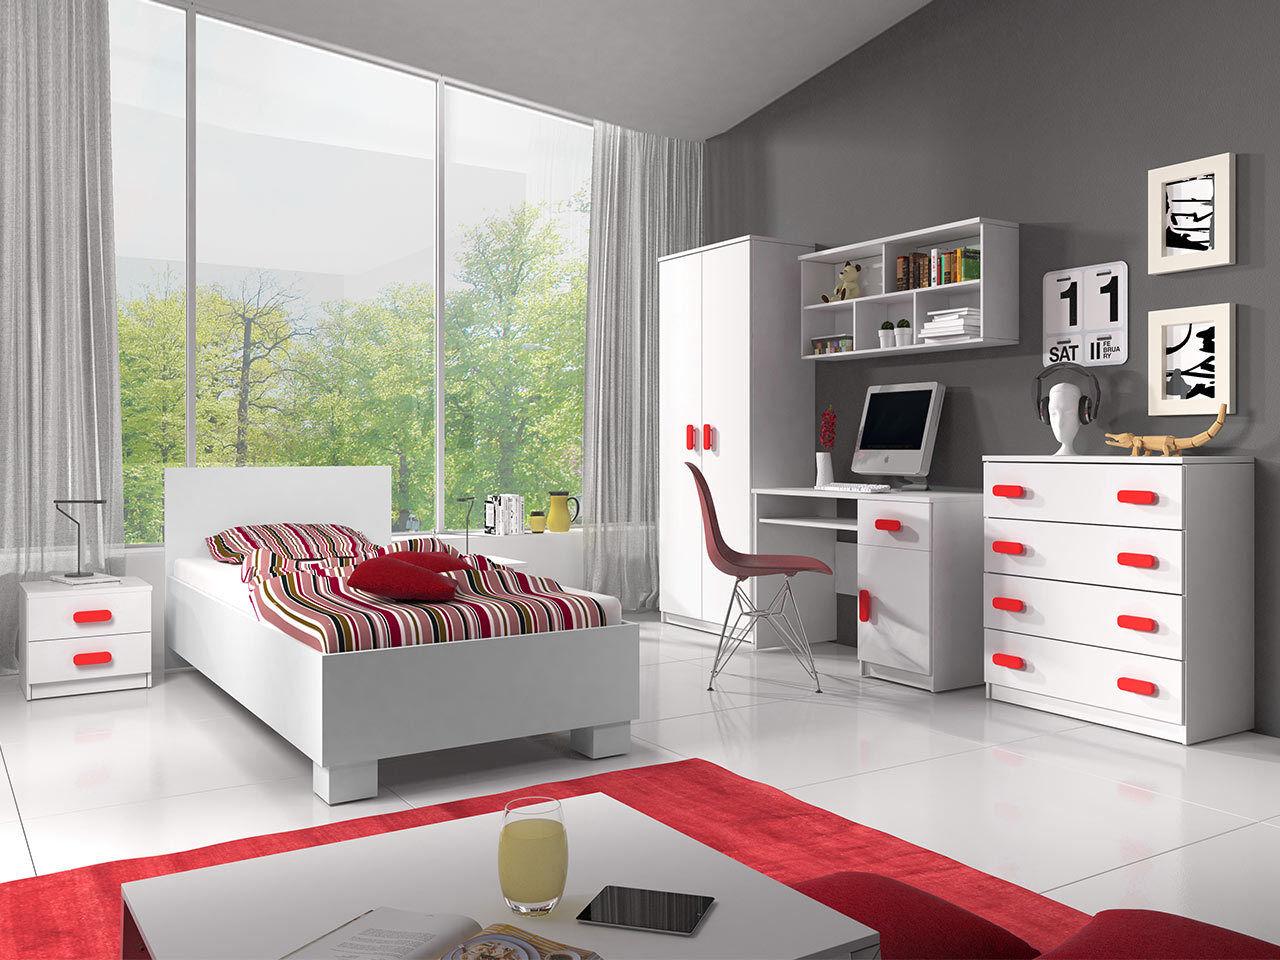 Jugendzimmer Jonas I Kinderzimmer Set Komplett Möbel Modern Design Schreibtisch